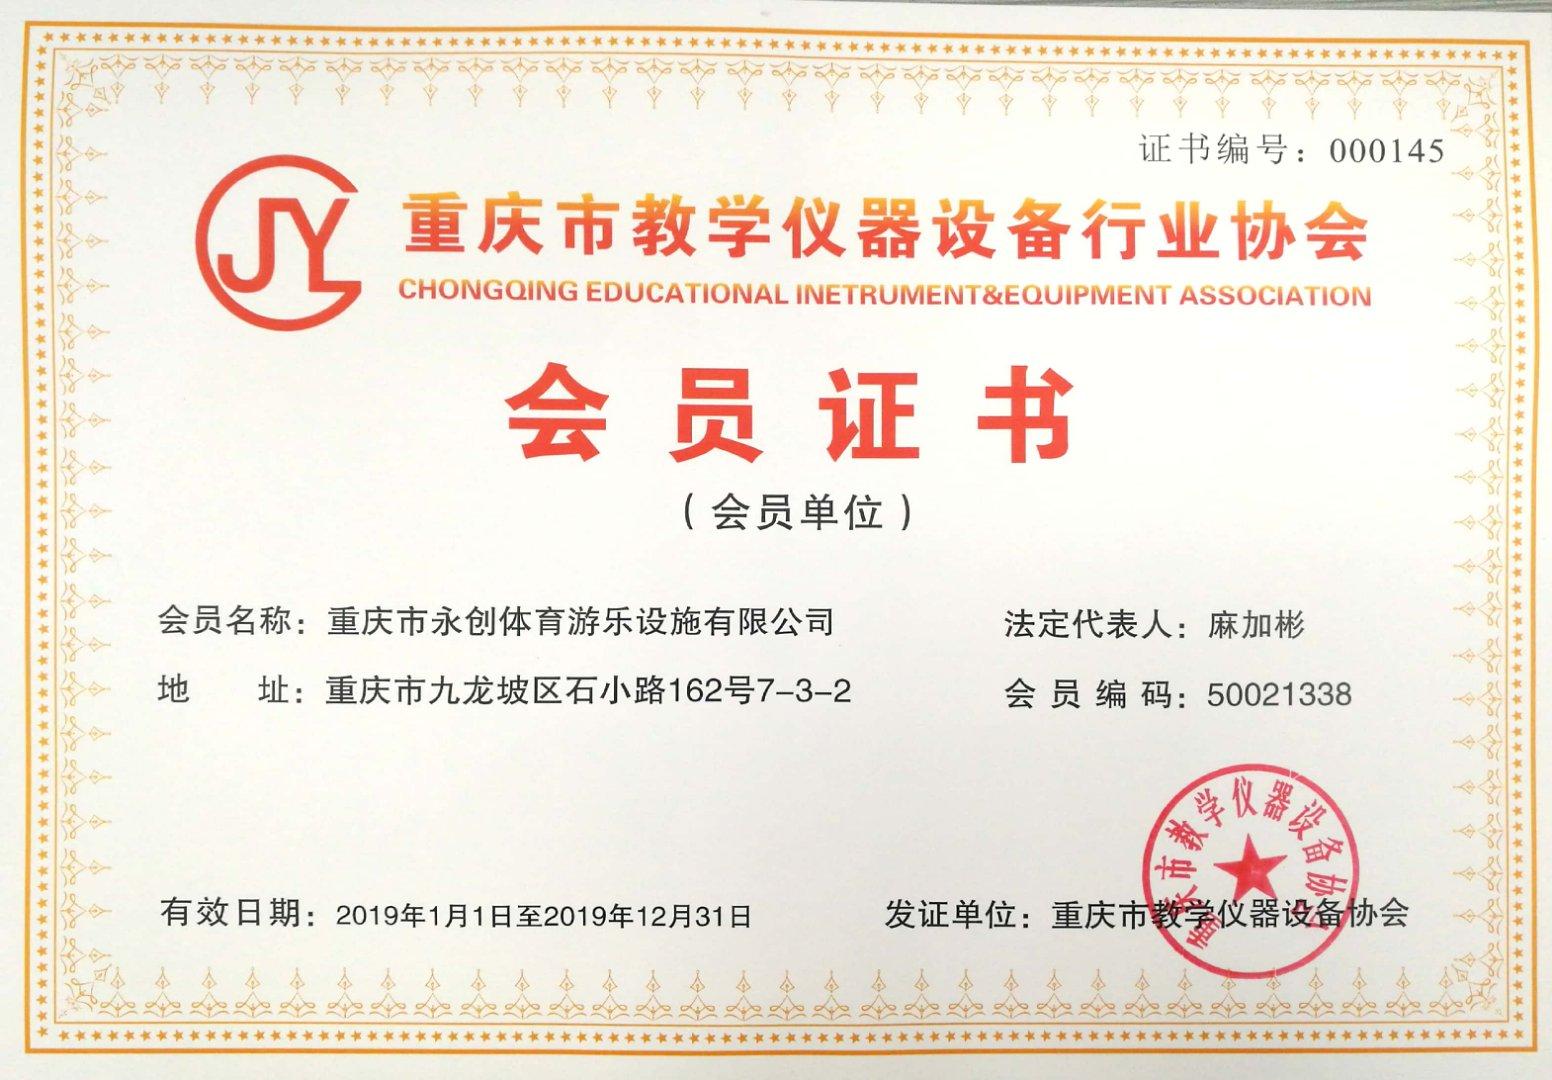 重庆市教学仪器设备行业协会会员证书